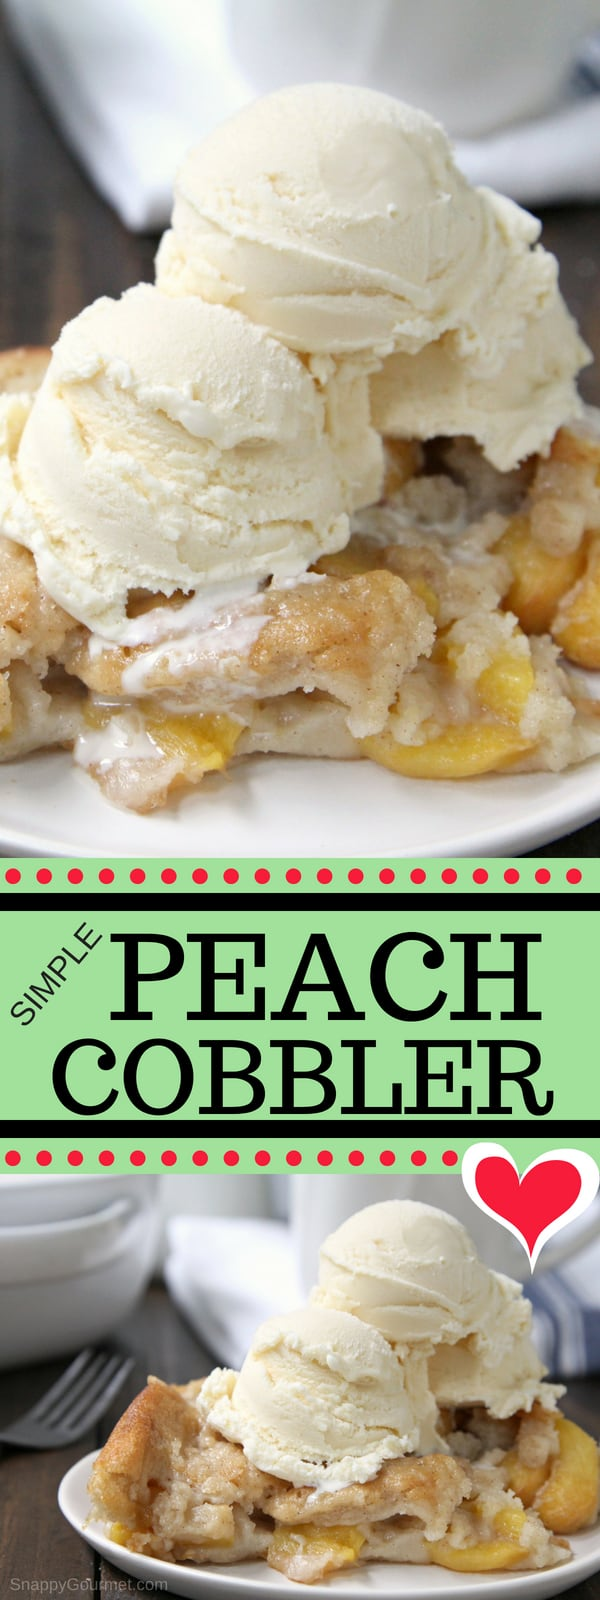 Simple Peach Cobbler recipe - how to make an easy homemade peach cobbler with fresh peaches